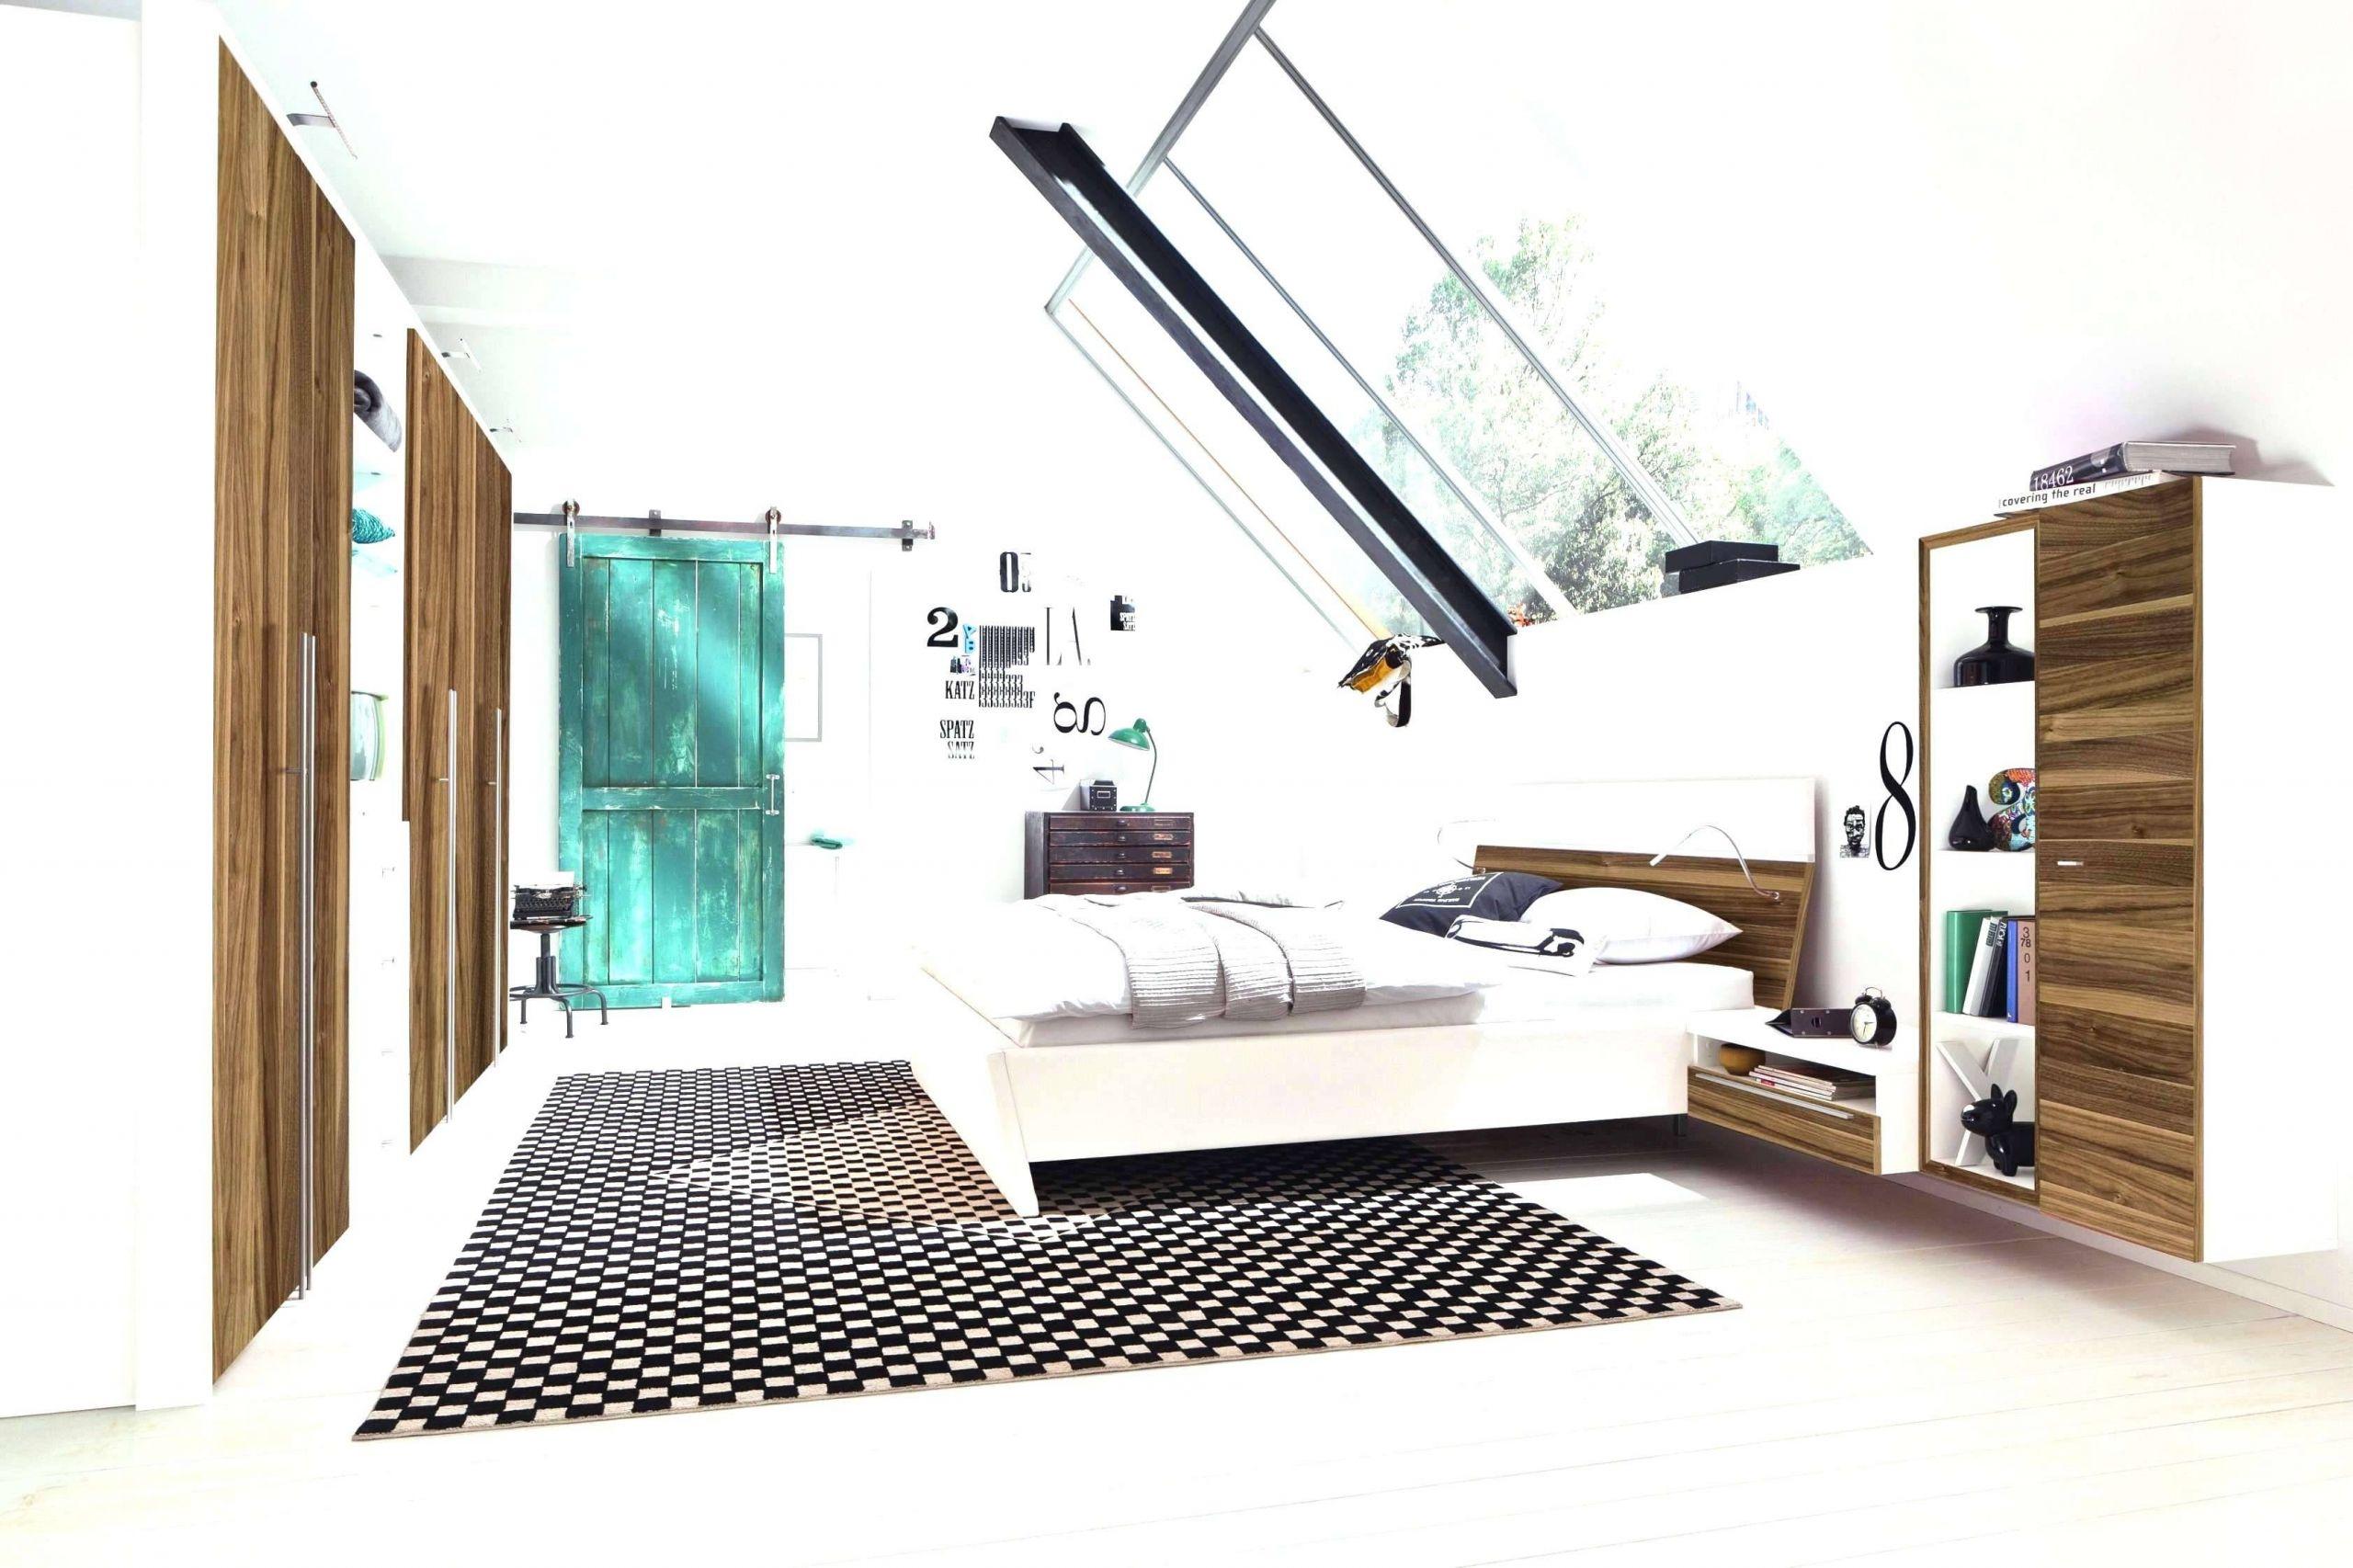 design wohnzimmer regal inspirierend deko ideen wohnzimmer luxus regal schlafzimmer 0d archives neu deko of design wohnzimmer regal